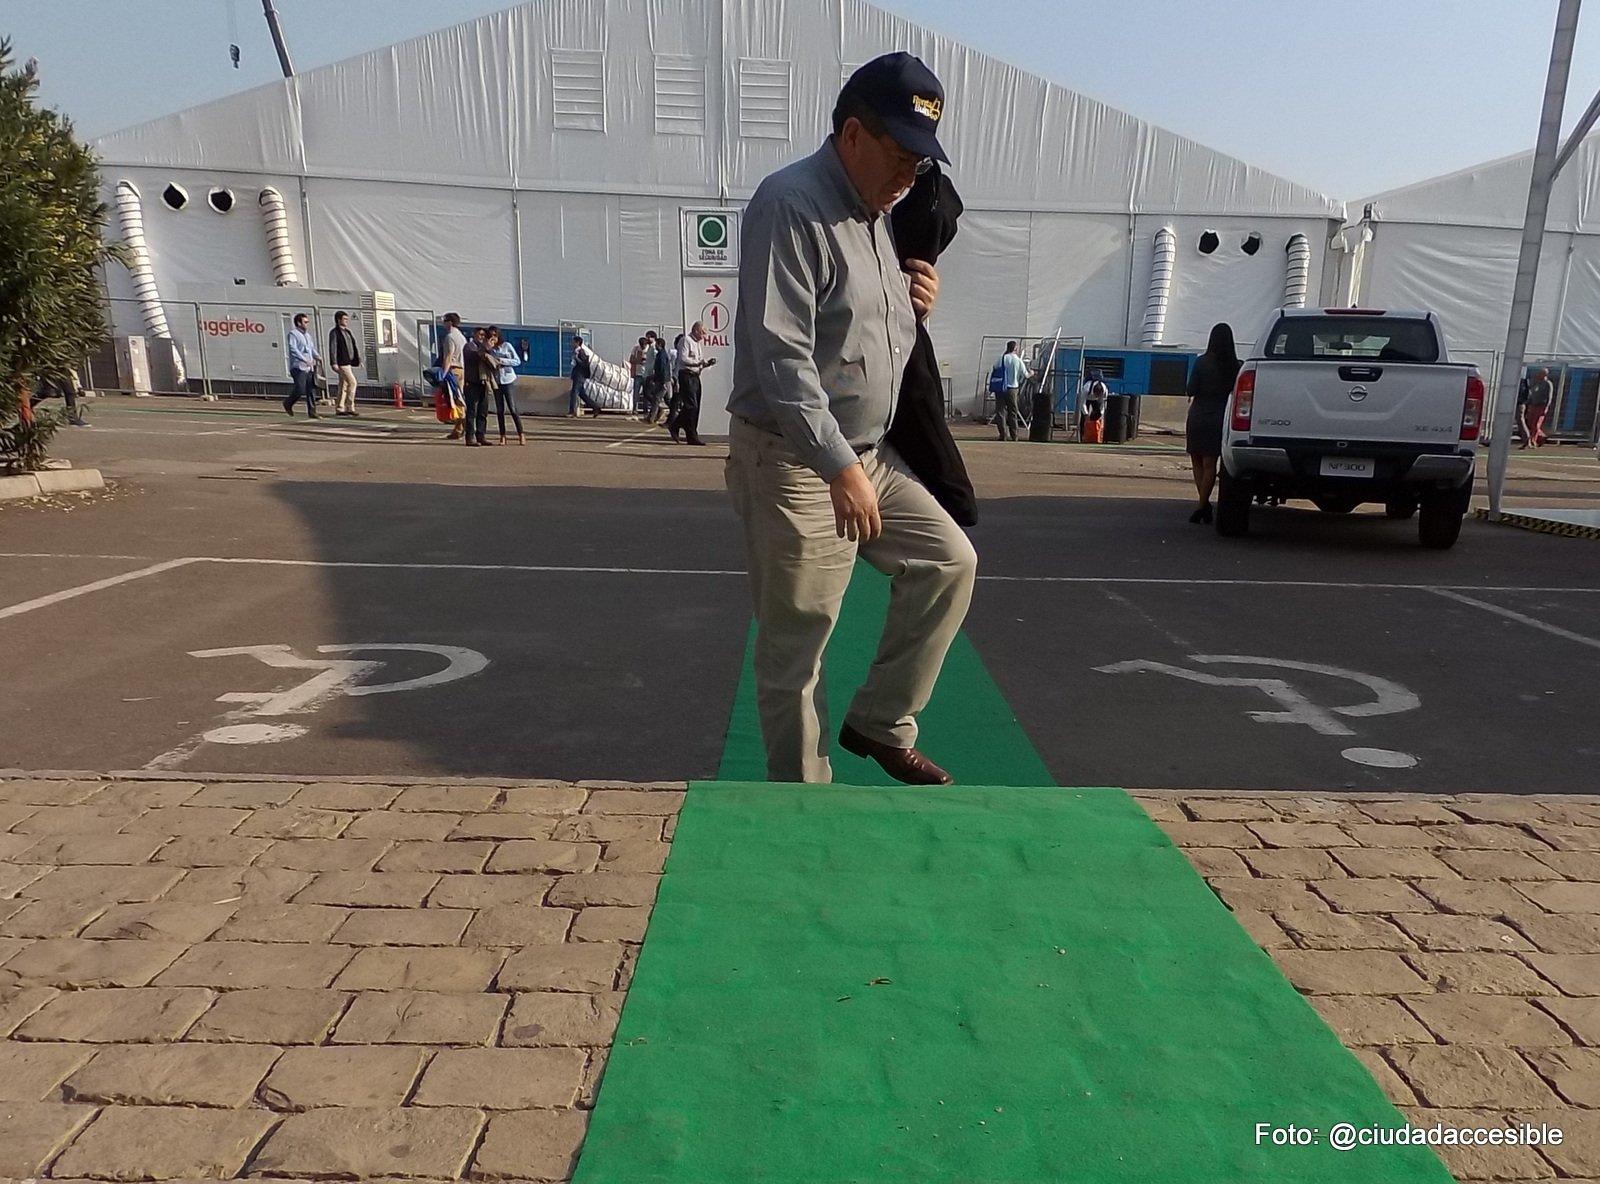 Ruta verde de acceso inaccesoble al lado de estacionamientos para personas con discapacidad (2)